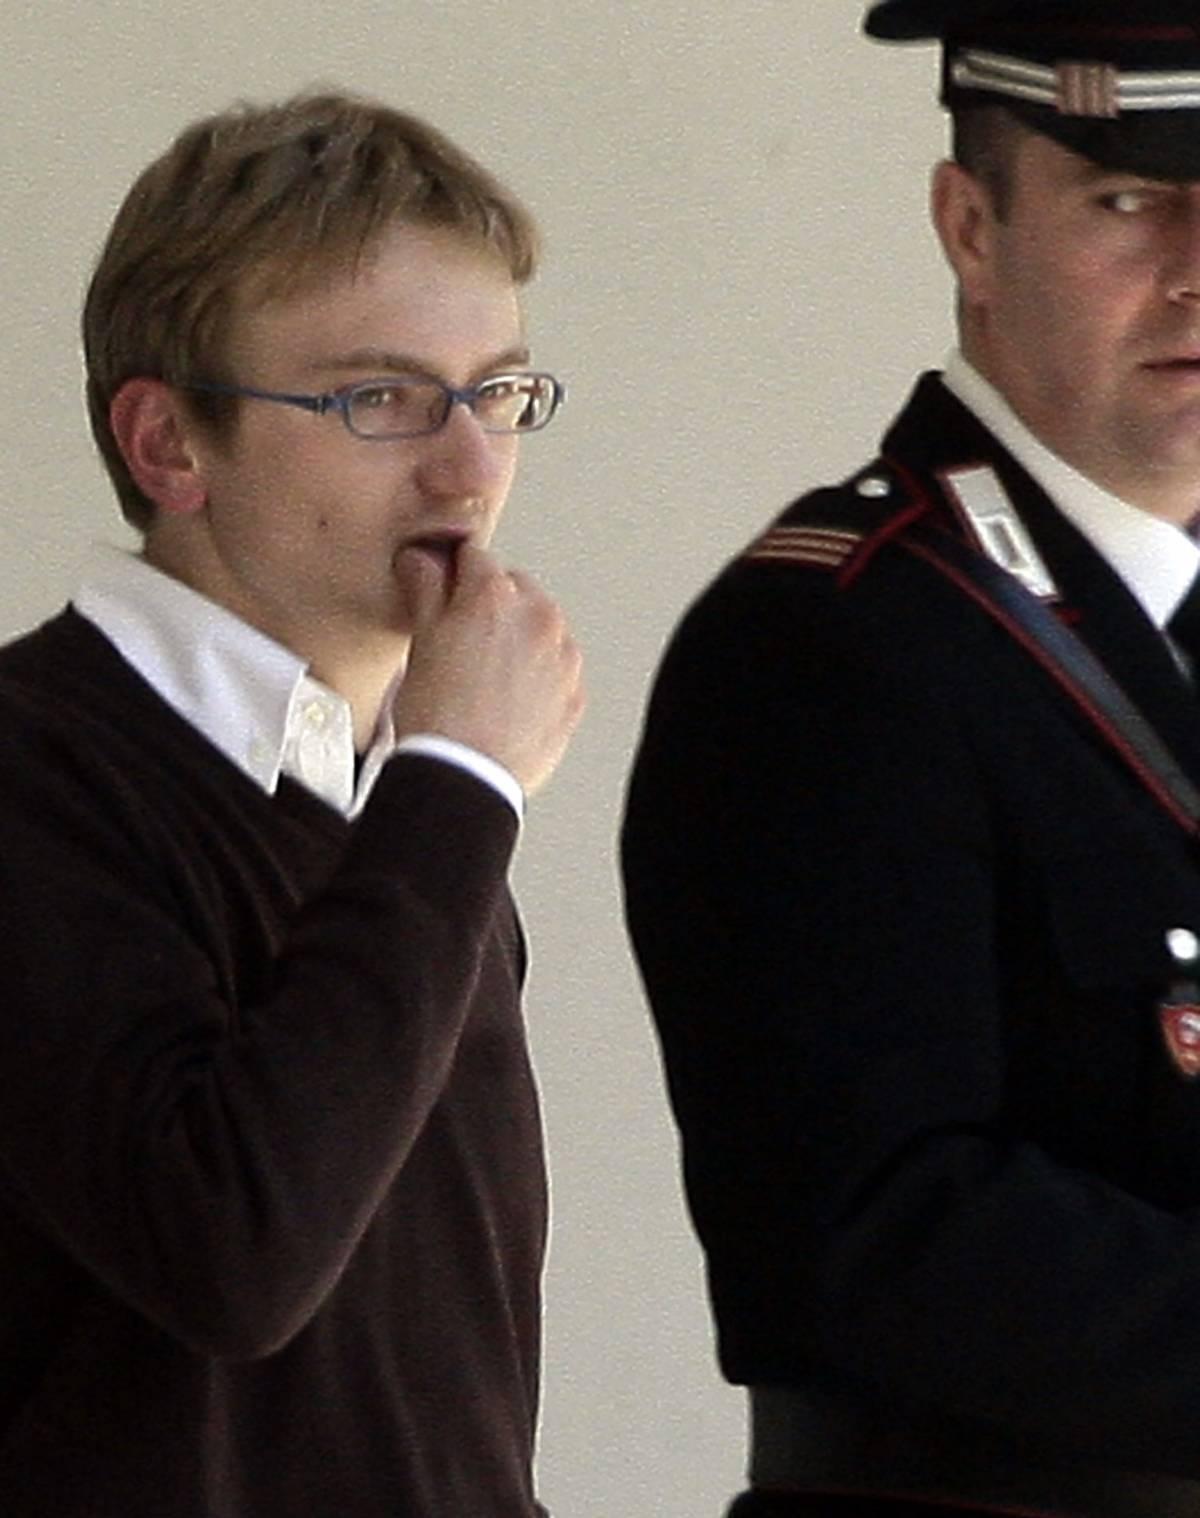 Stasi né condannato, né assolto Garlasco ricomincia tutto da capo